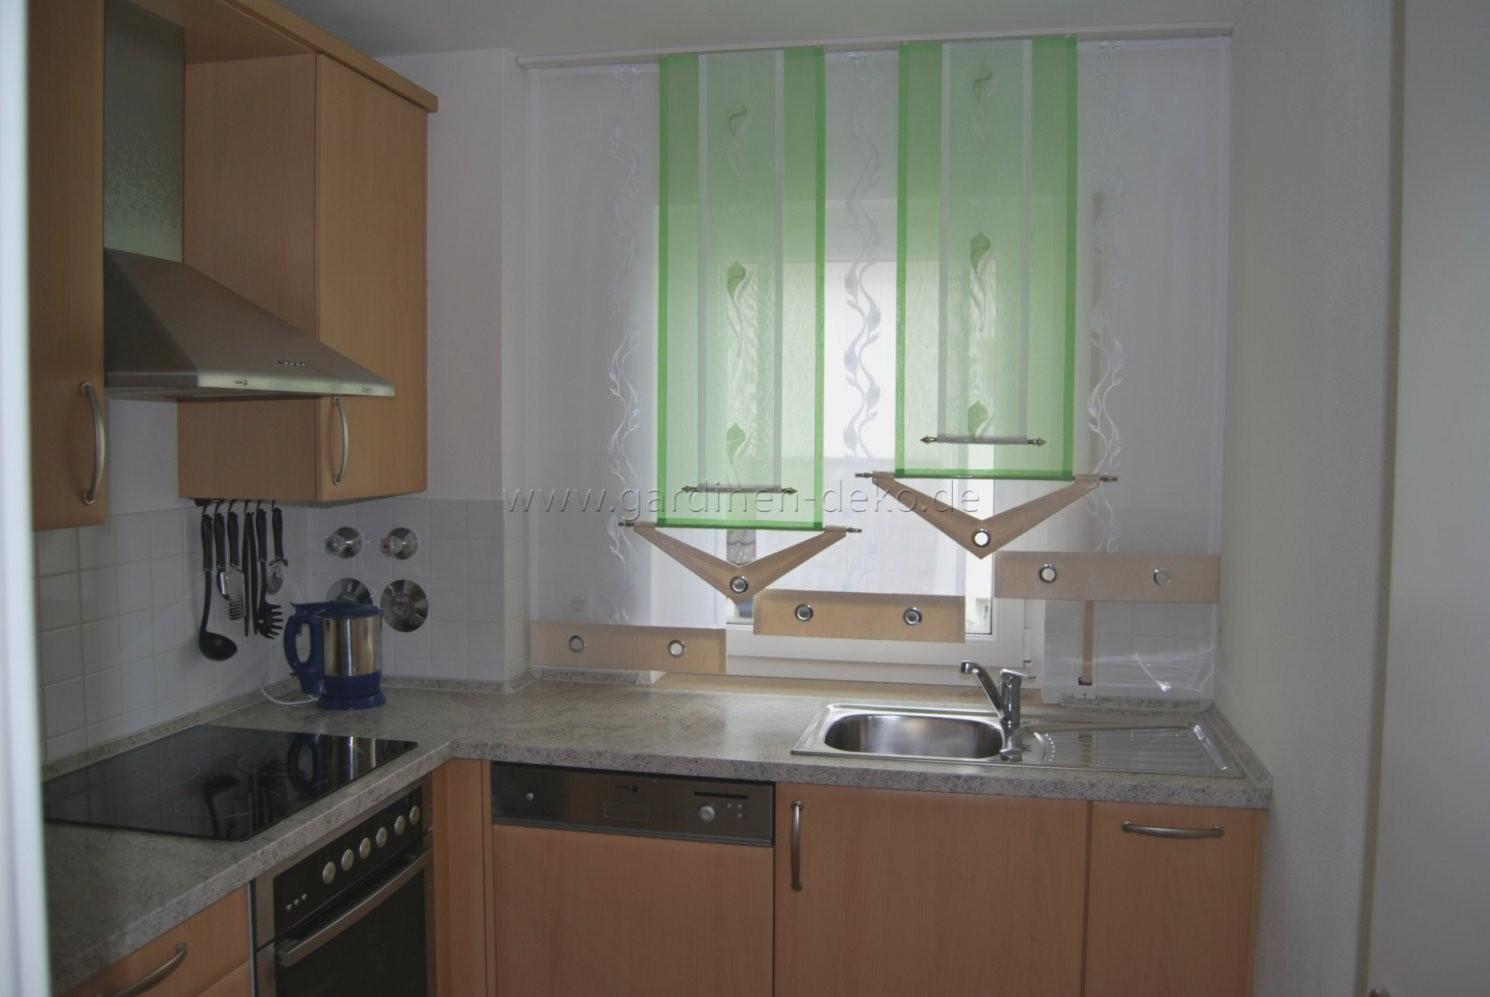 Zeitgenössisch Vorhänge Küche Die Besten 16 Fenster Gardinen Ideen von Vorhänge Für Die Küche Bild